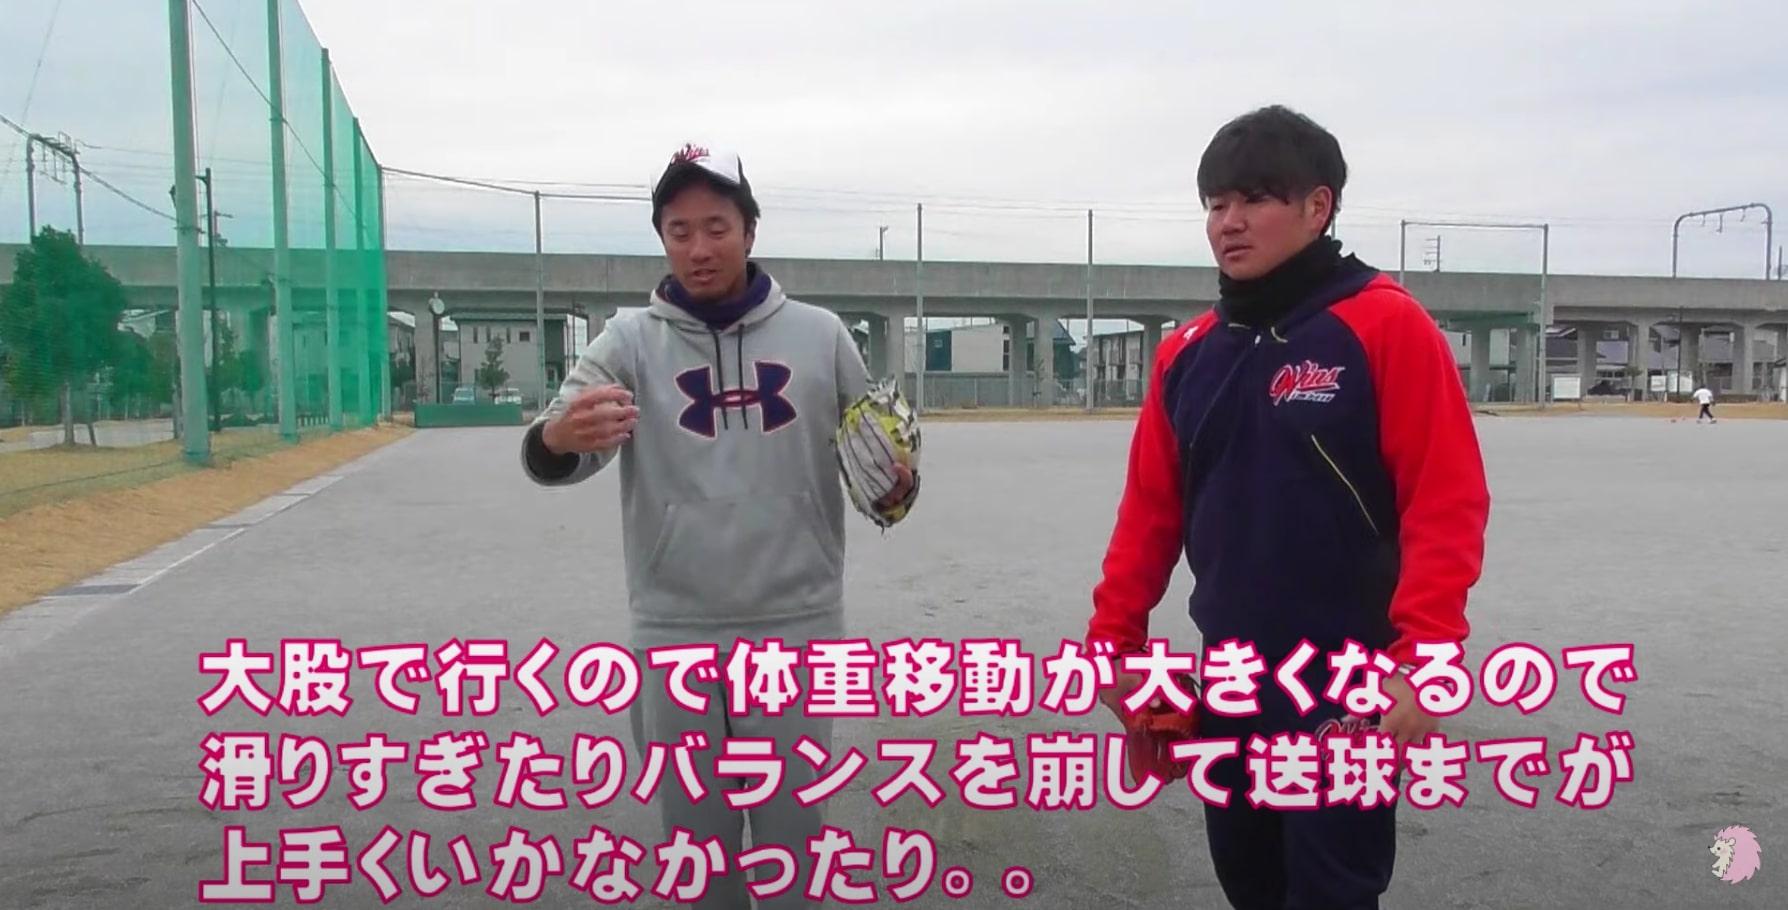 【ソフトボール】ピッチャーの守備 バント処理のコツを紹介